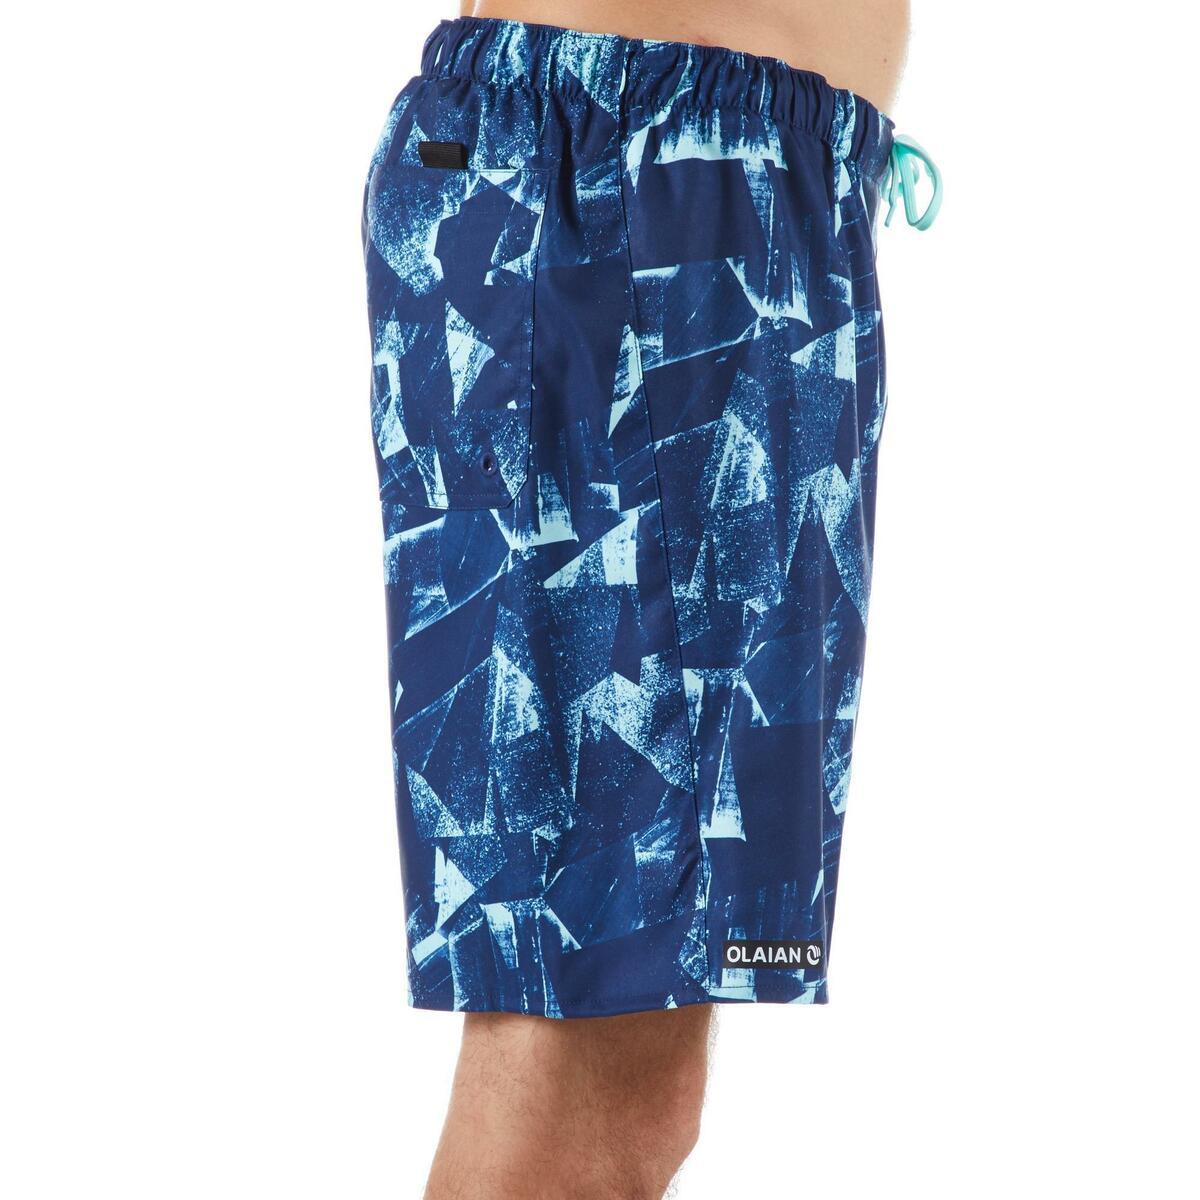 Bild 2 von Boardshorts Surfen Standard 100 Papercut blau